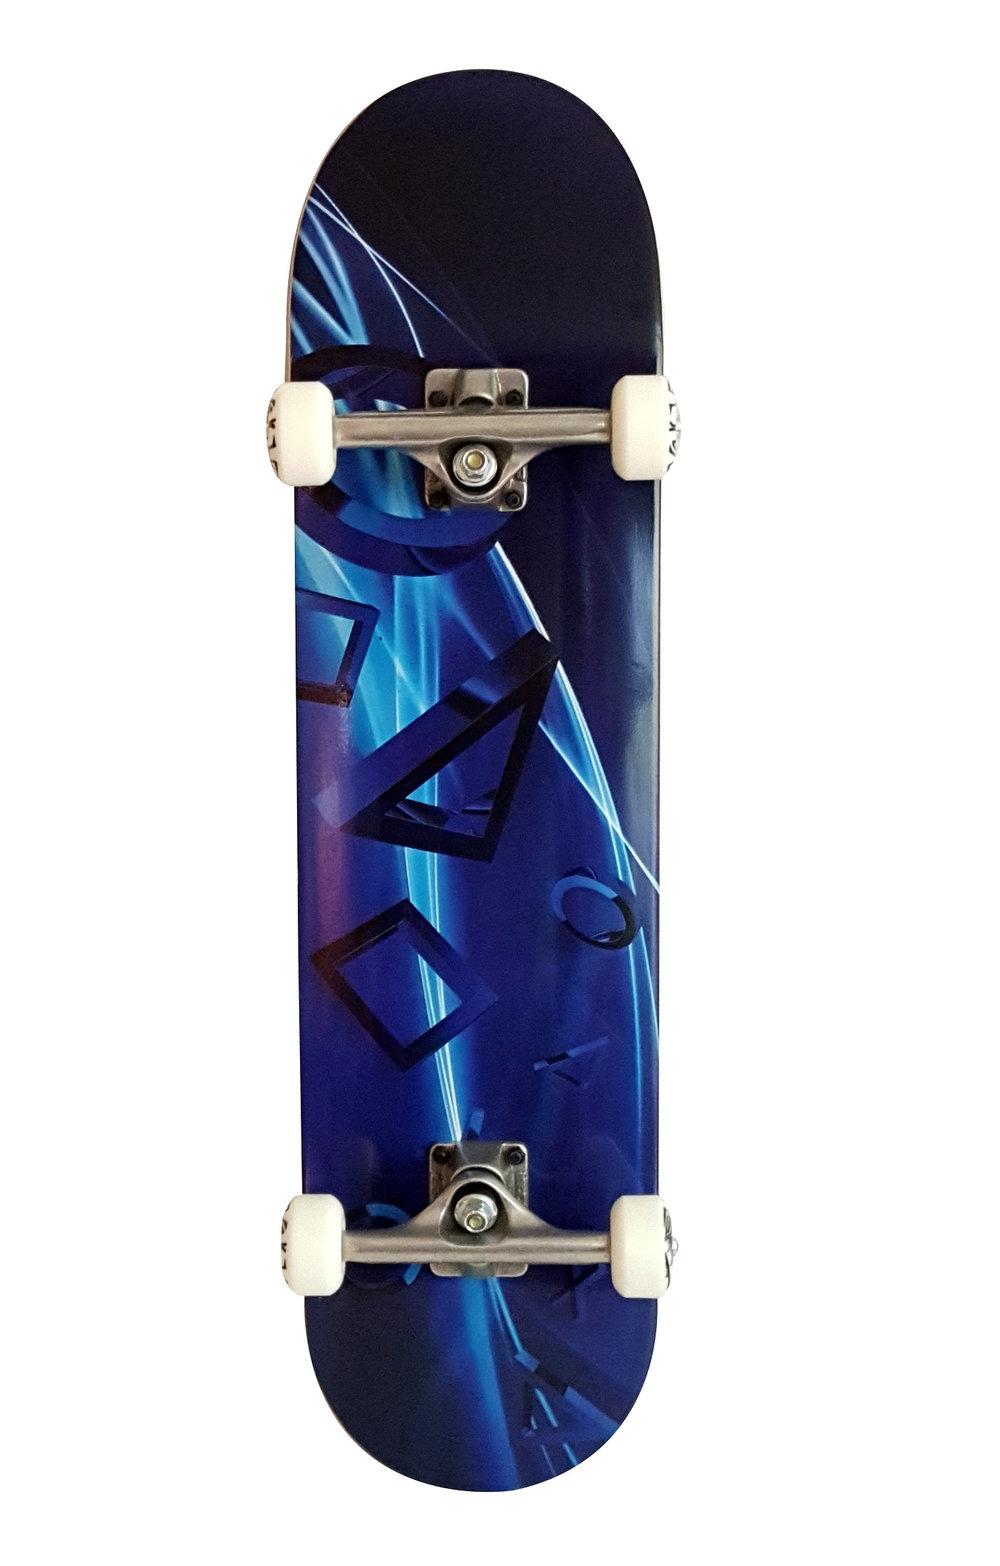 Promo Skateboards